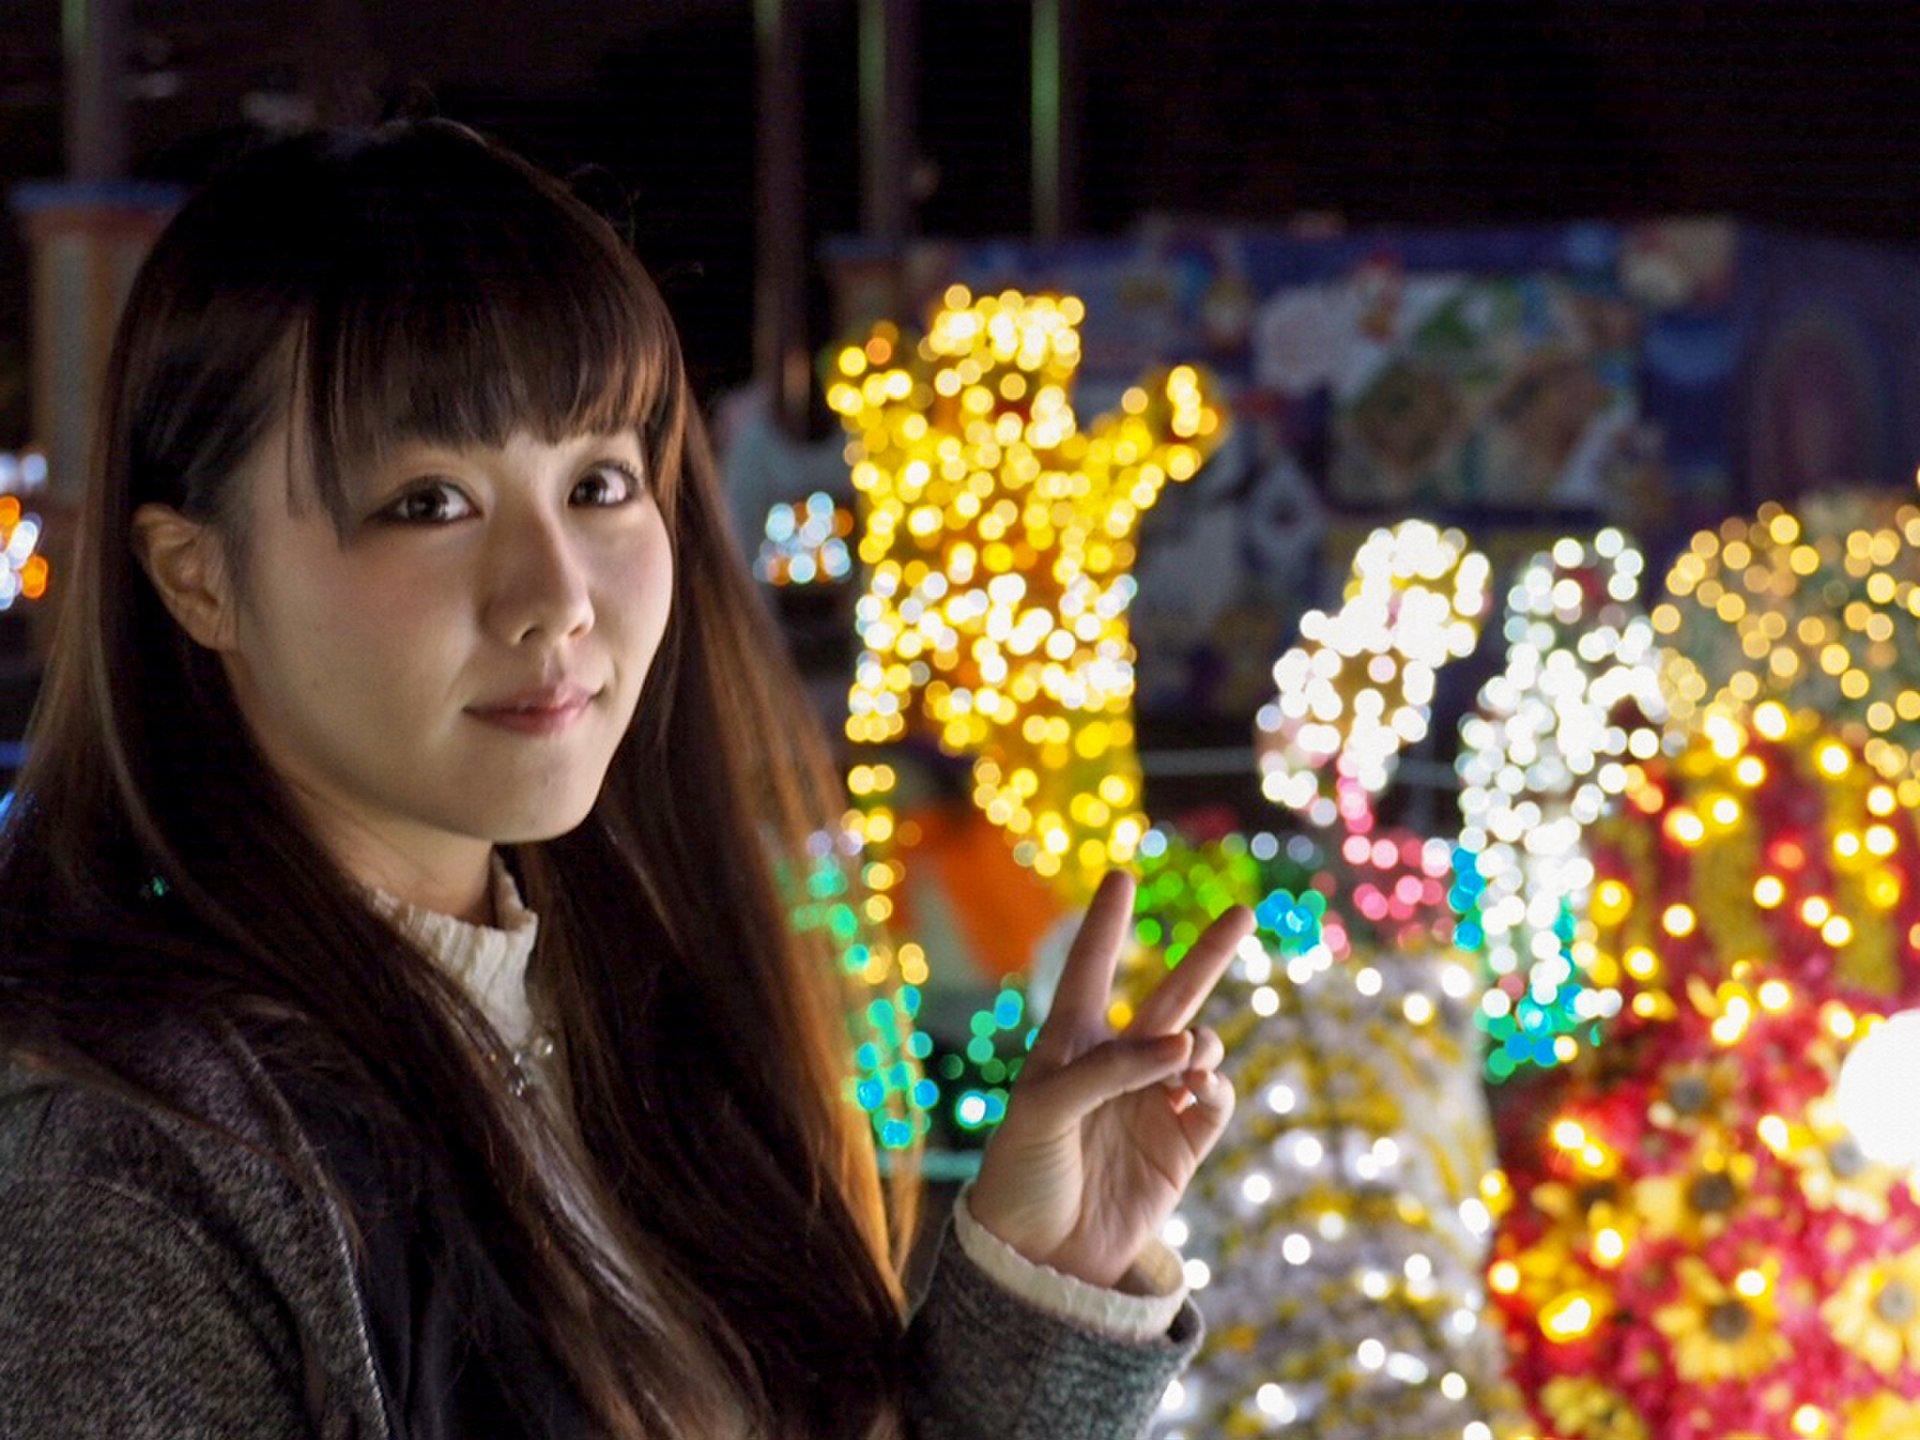 東武動物公園のイルミネーションを侮ってはいけない「埼玉最強デートスポット」